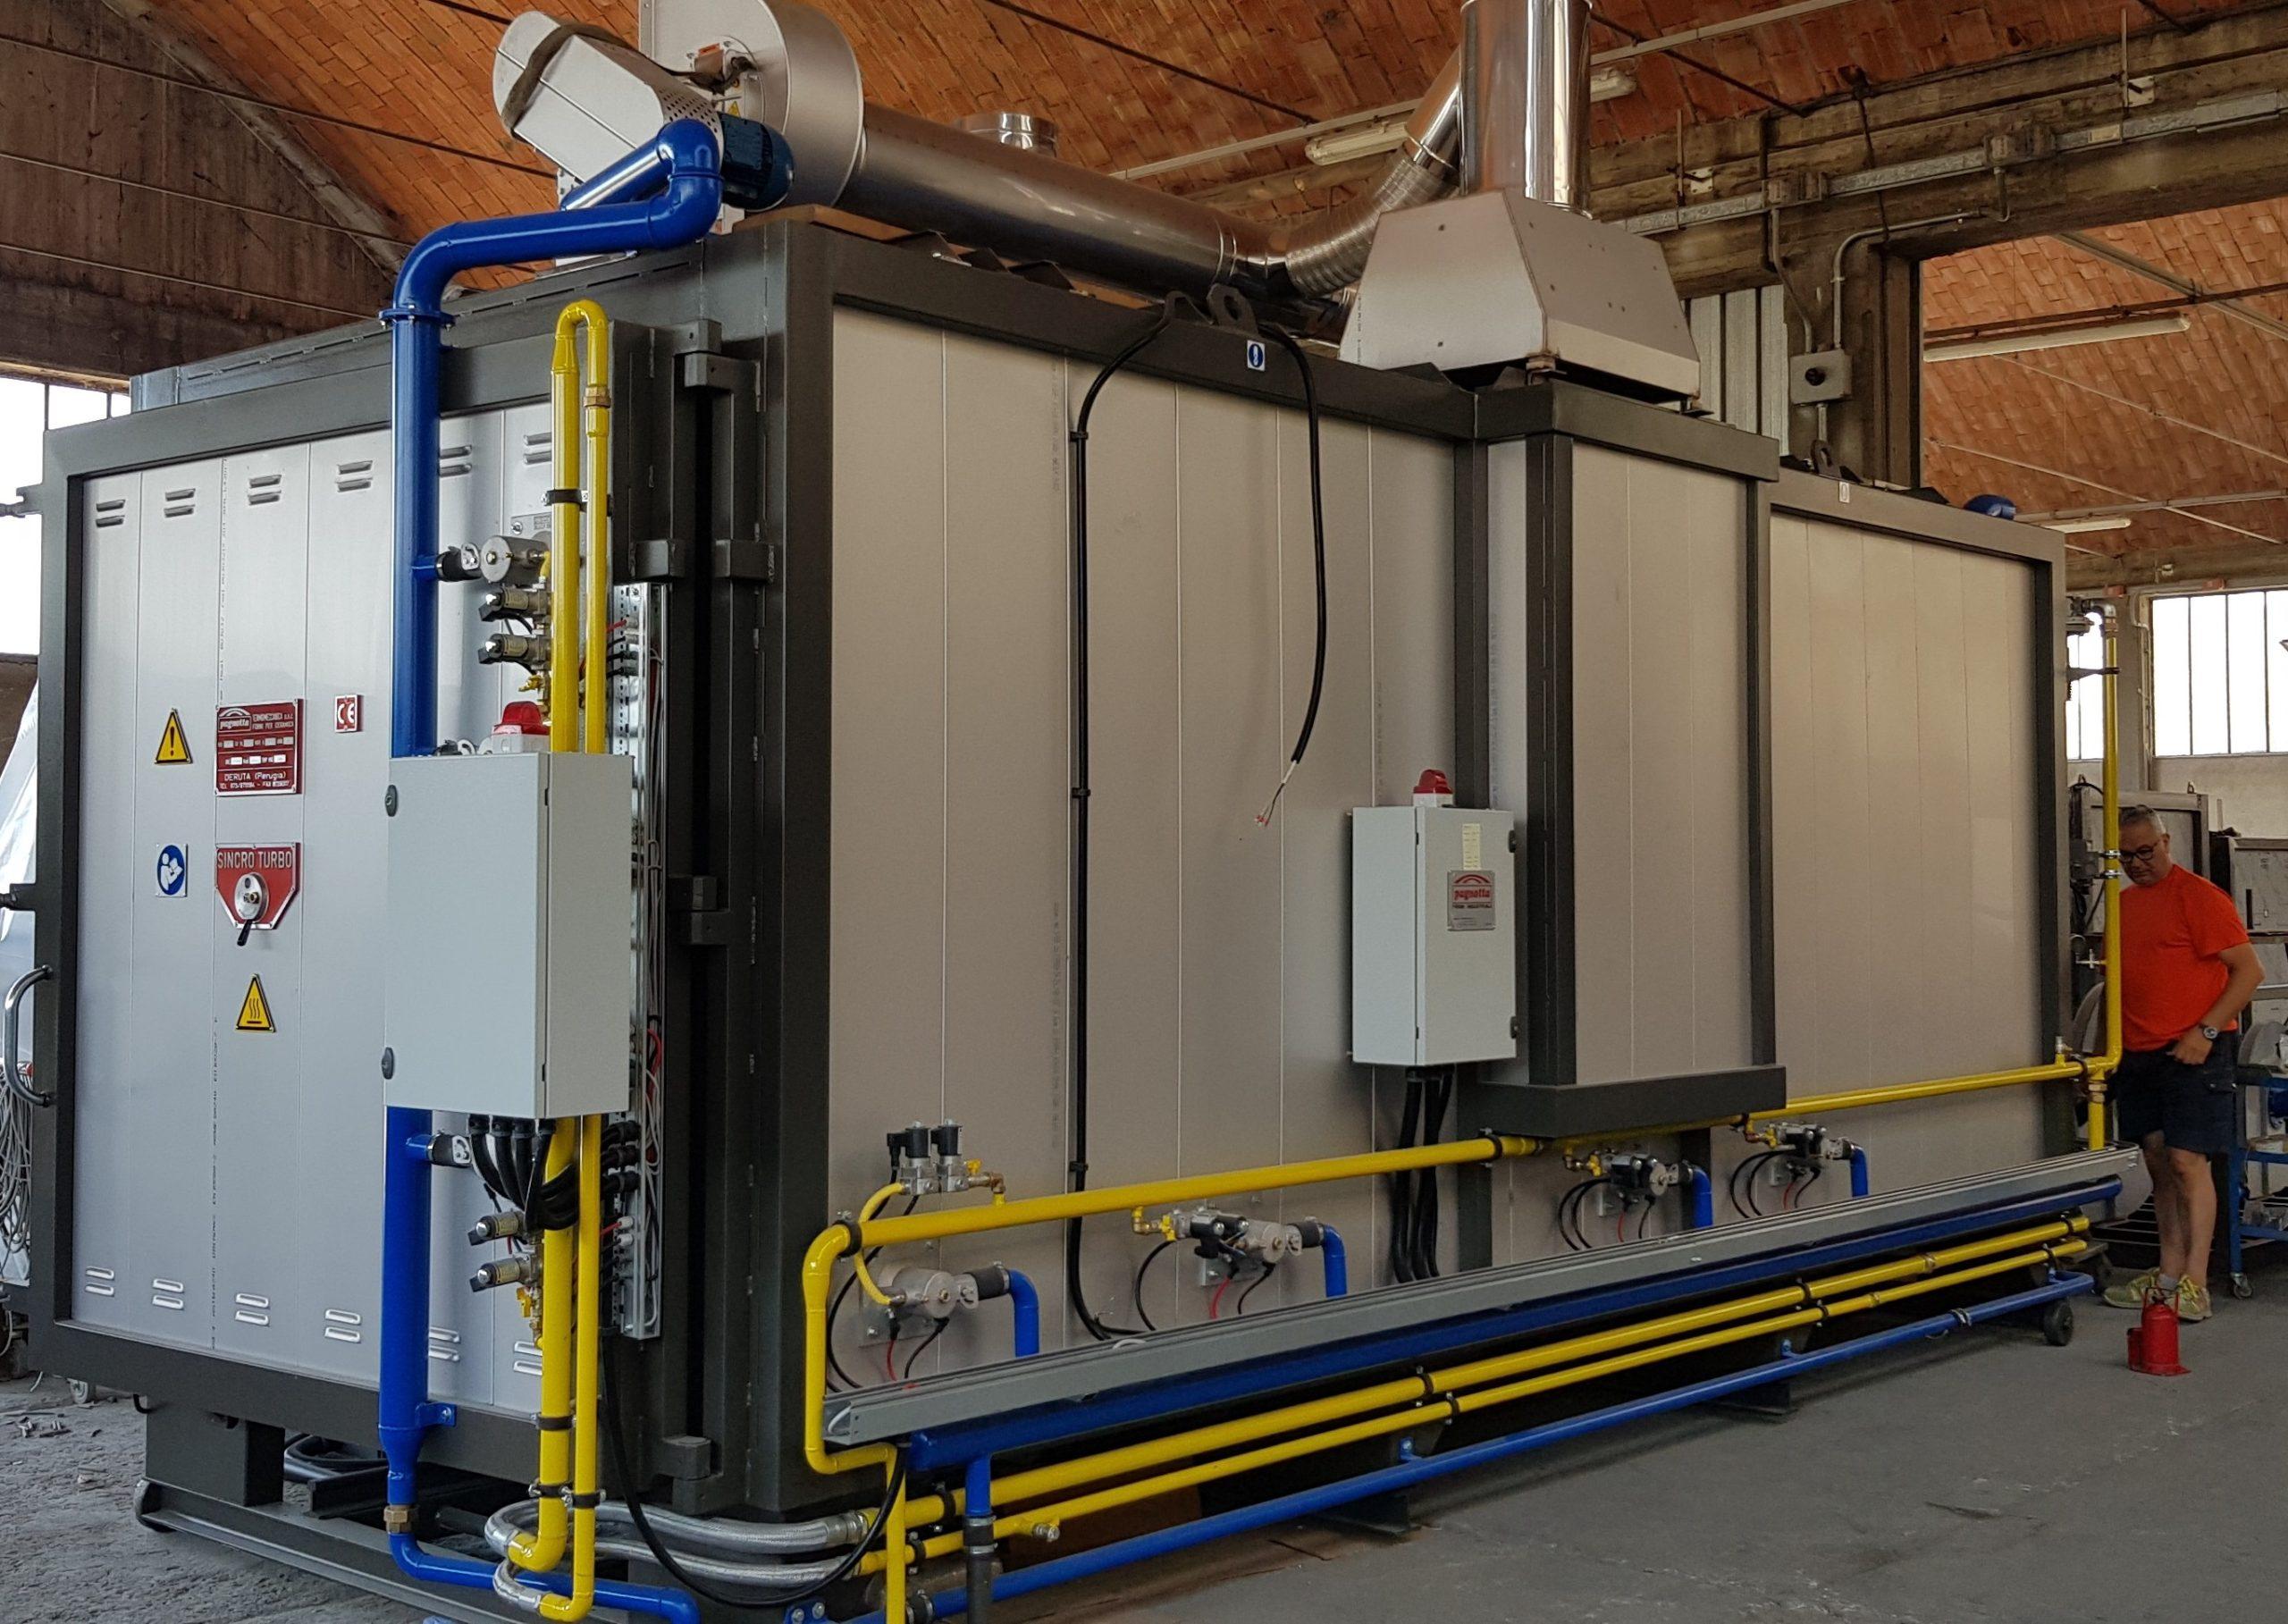 Forno industriale per Forno a gas in acciaio inox | Pagnotta Termomeccanica